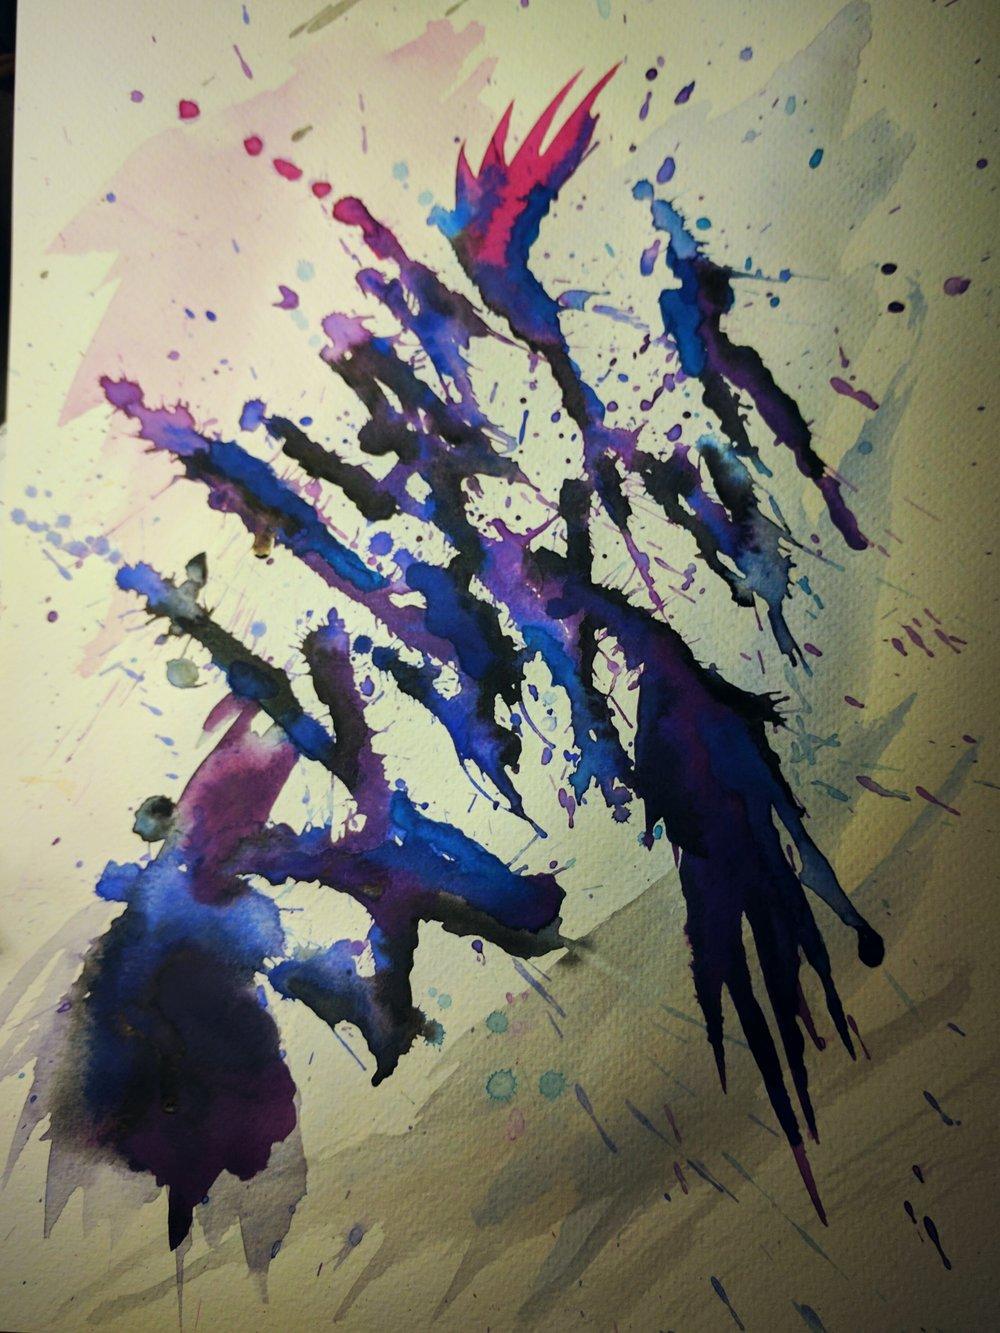 Splatter Study IV